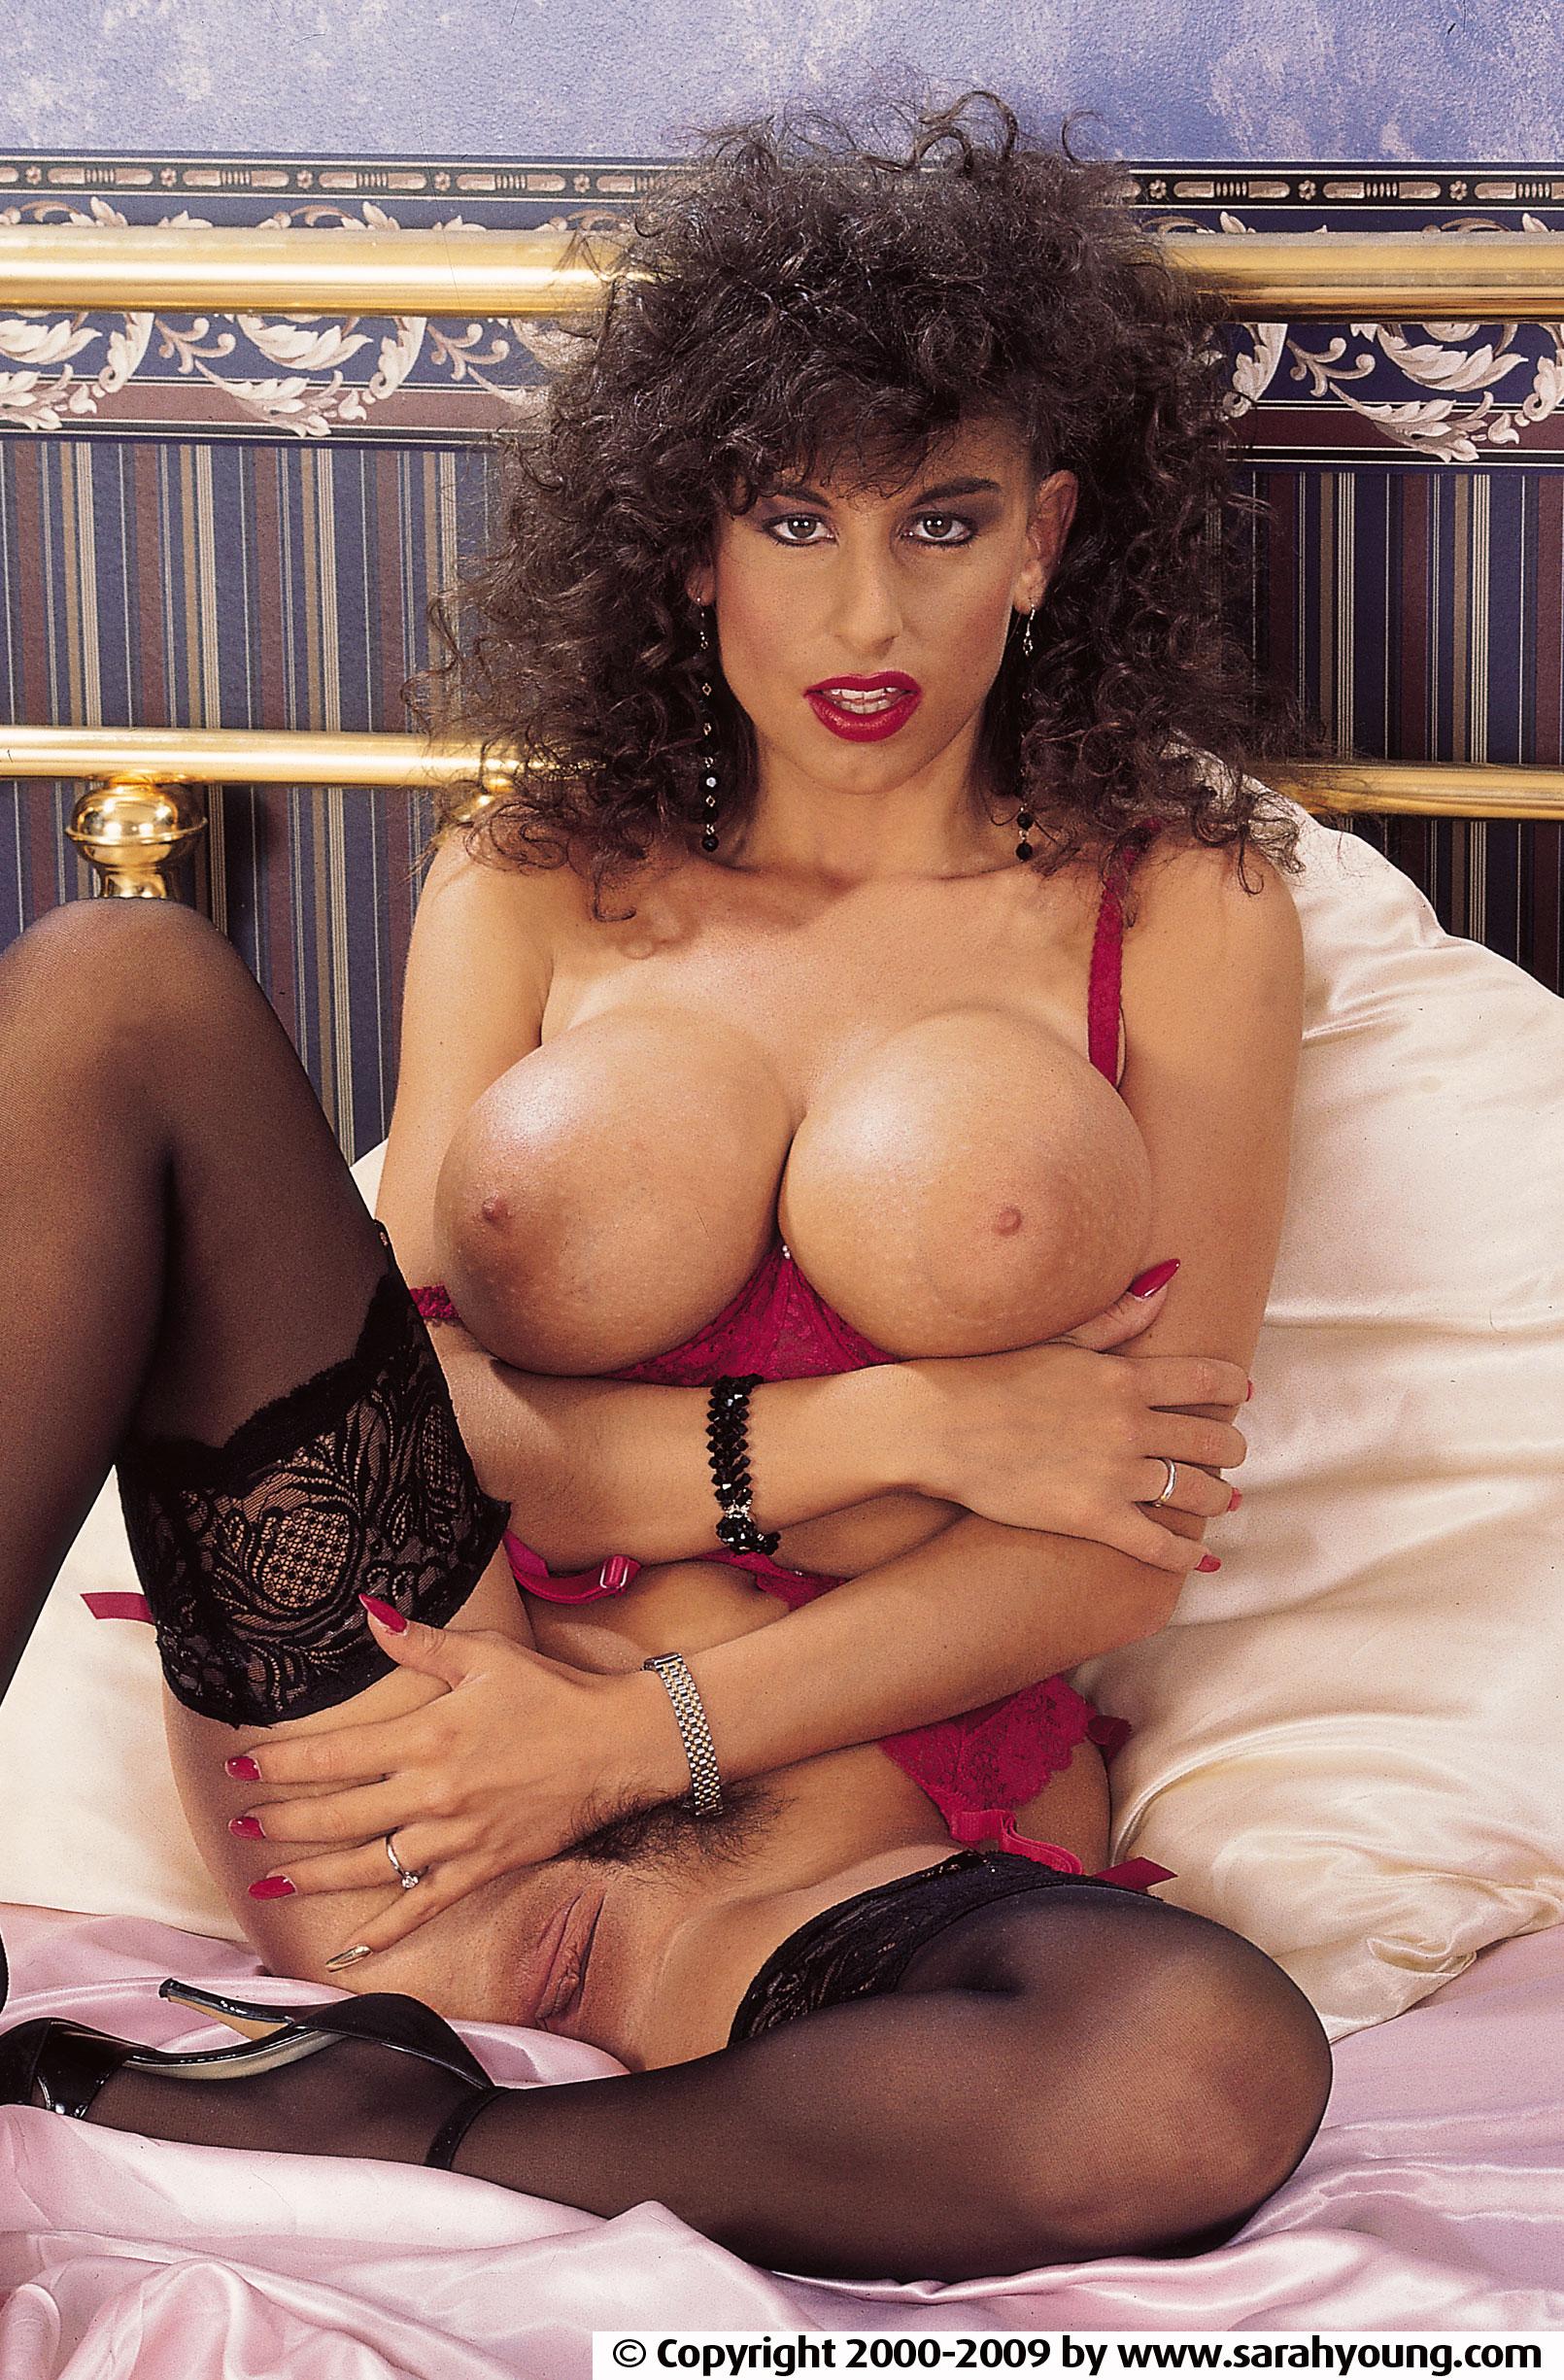 Английская порнозвезда сара янг 0 фотография